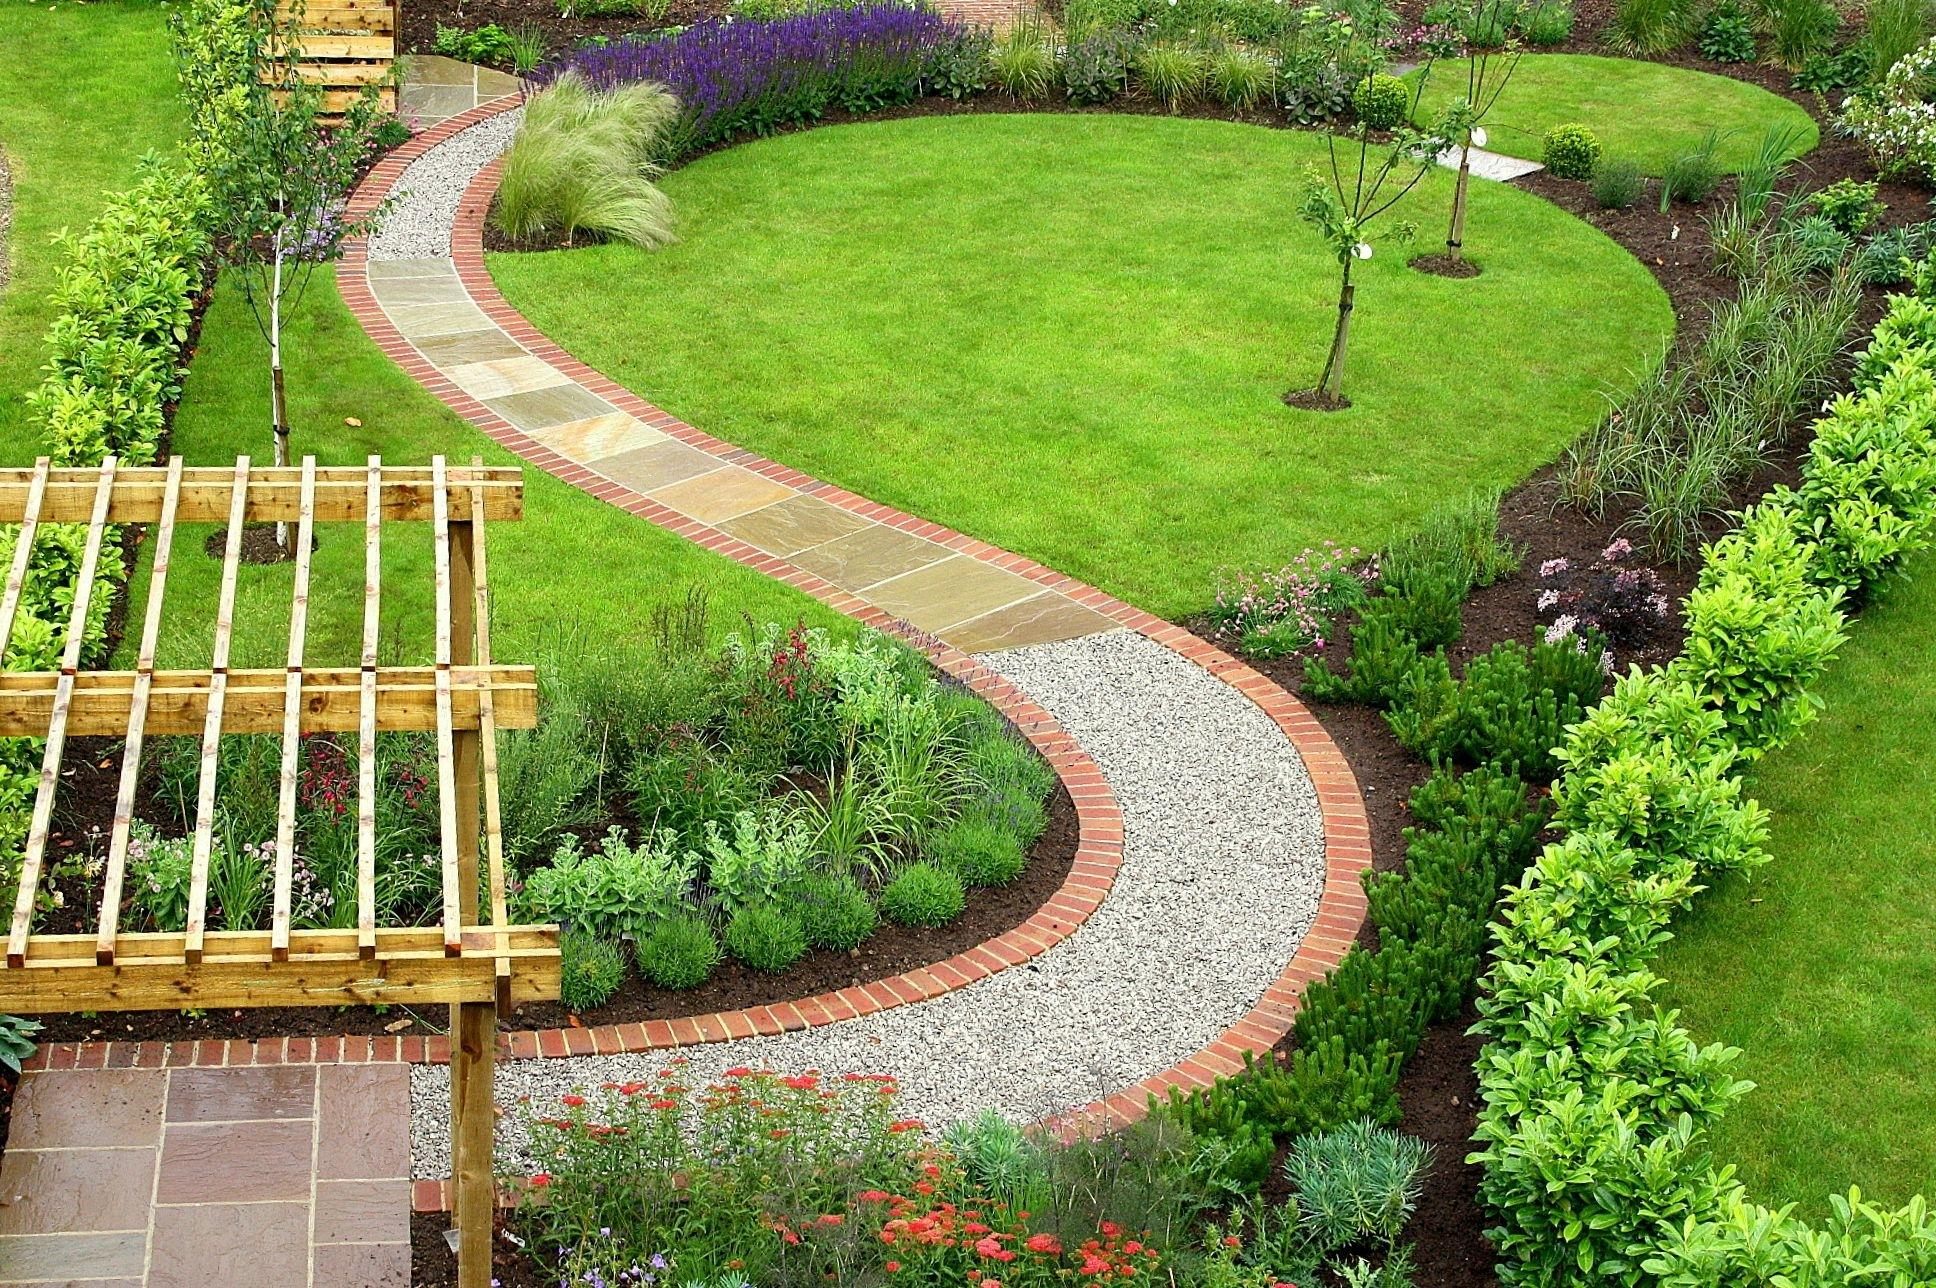 Cum amenajezi gradina: alegerea stilului, a mobilierului si intretinere